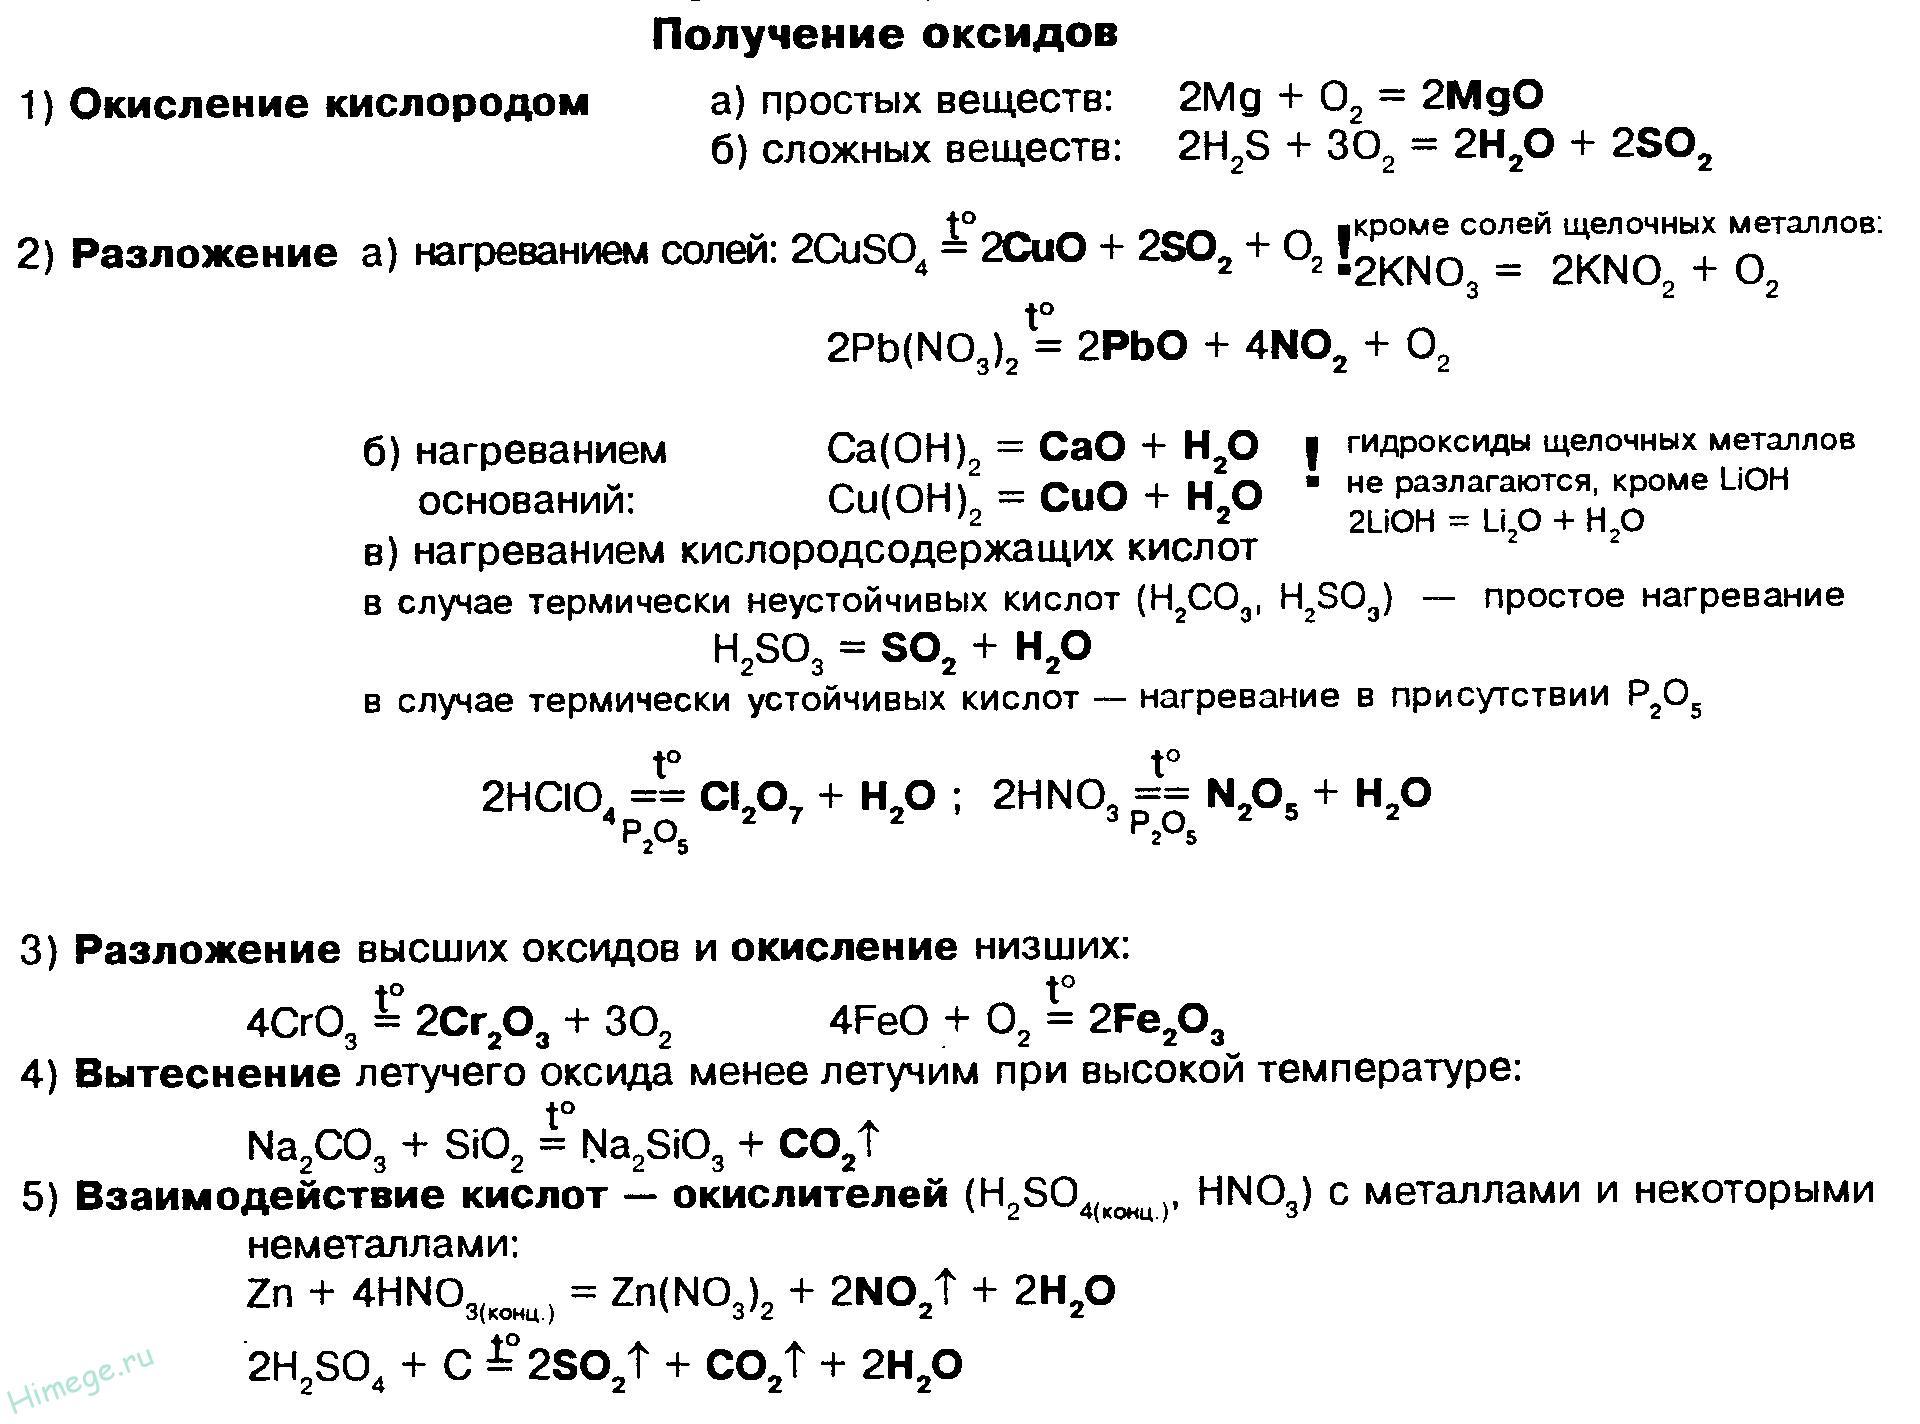 Химические свойства кислотных оксидов – характерные особенности